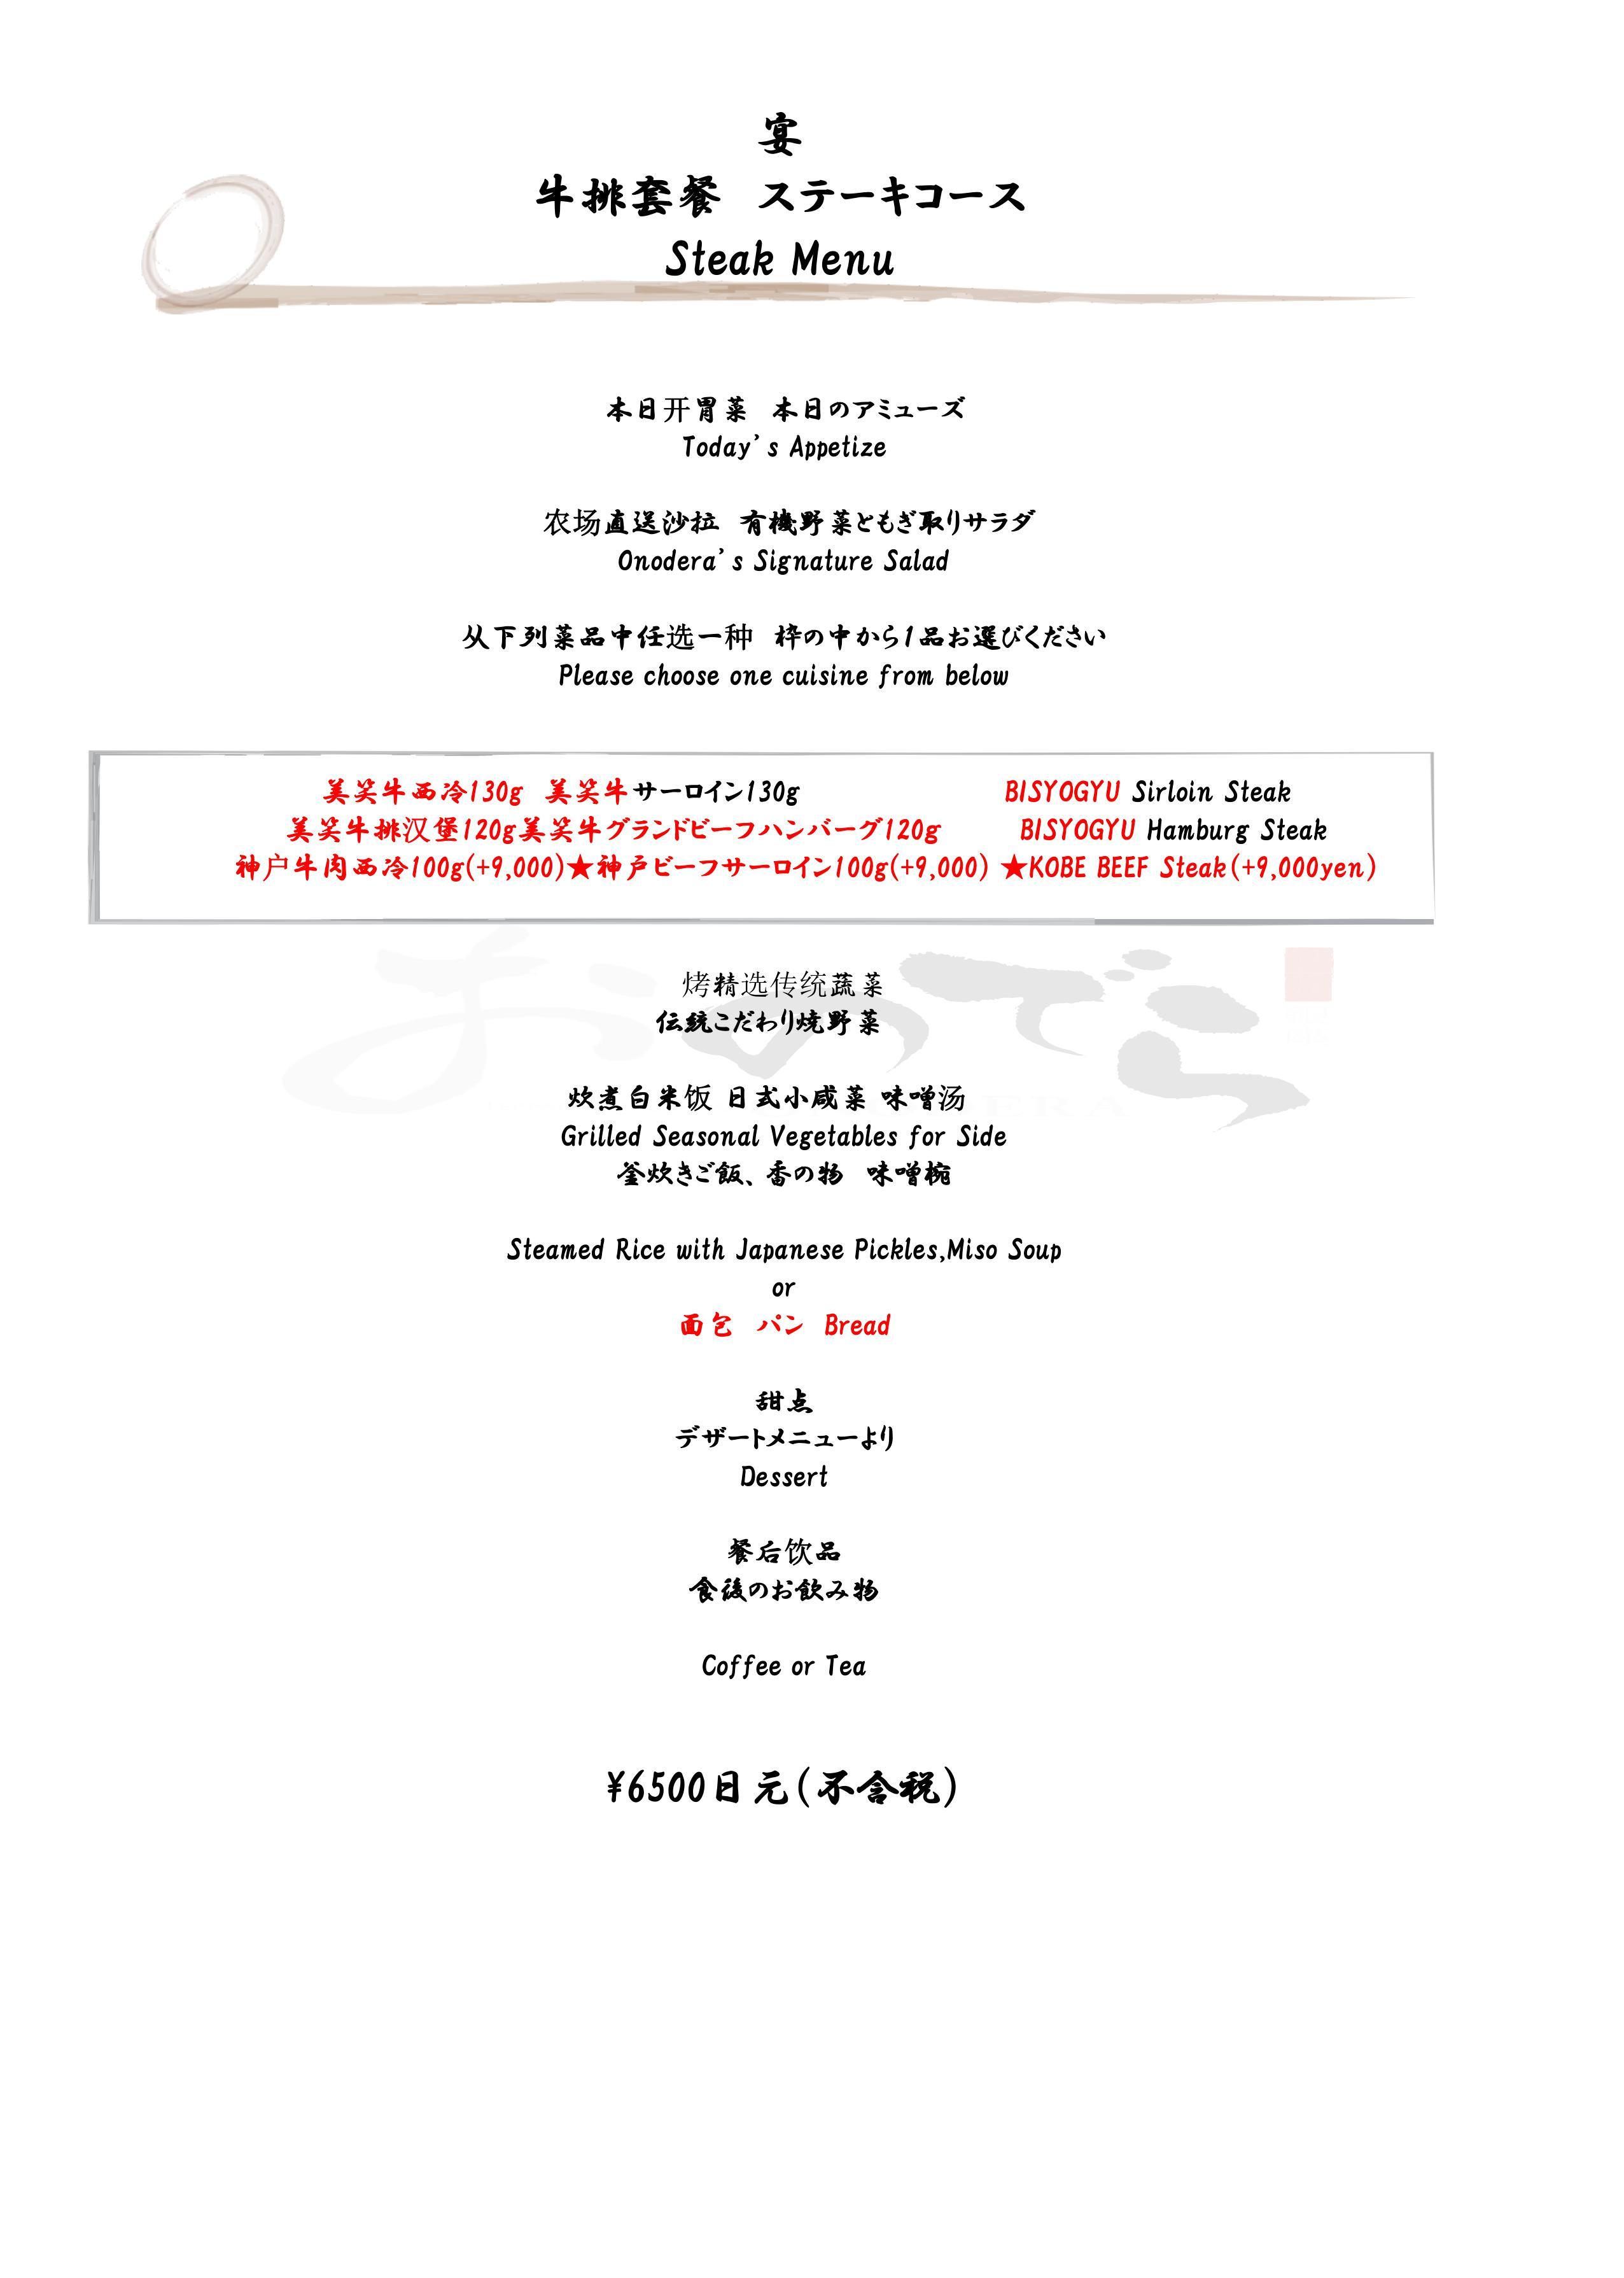 鉄板焼 [銀座店] ランチメニュー1